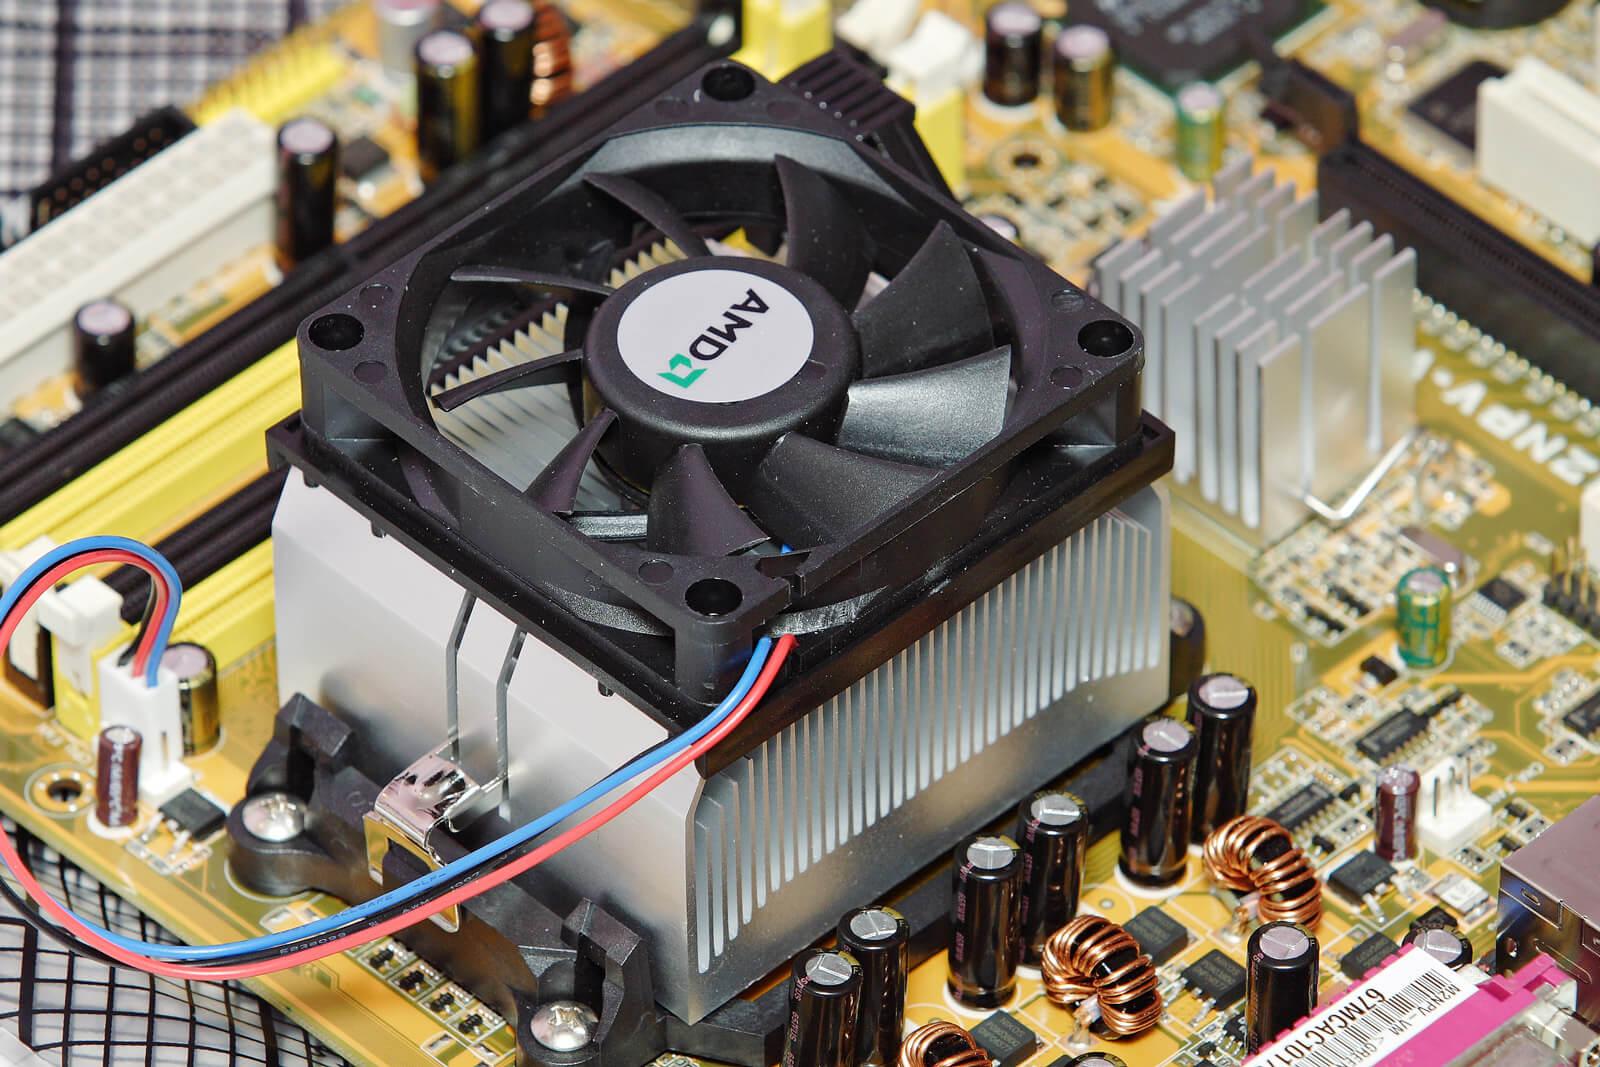 فن و Heat Sink سی پی یو، این بخش بر روی CPU قرار میگیرد و وظیفه آن خنک کردن و کاهش گرمای سی پی یو در حین کار است .